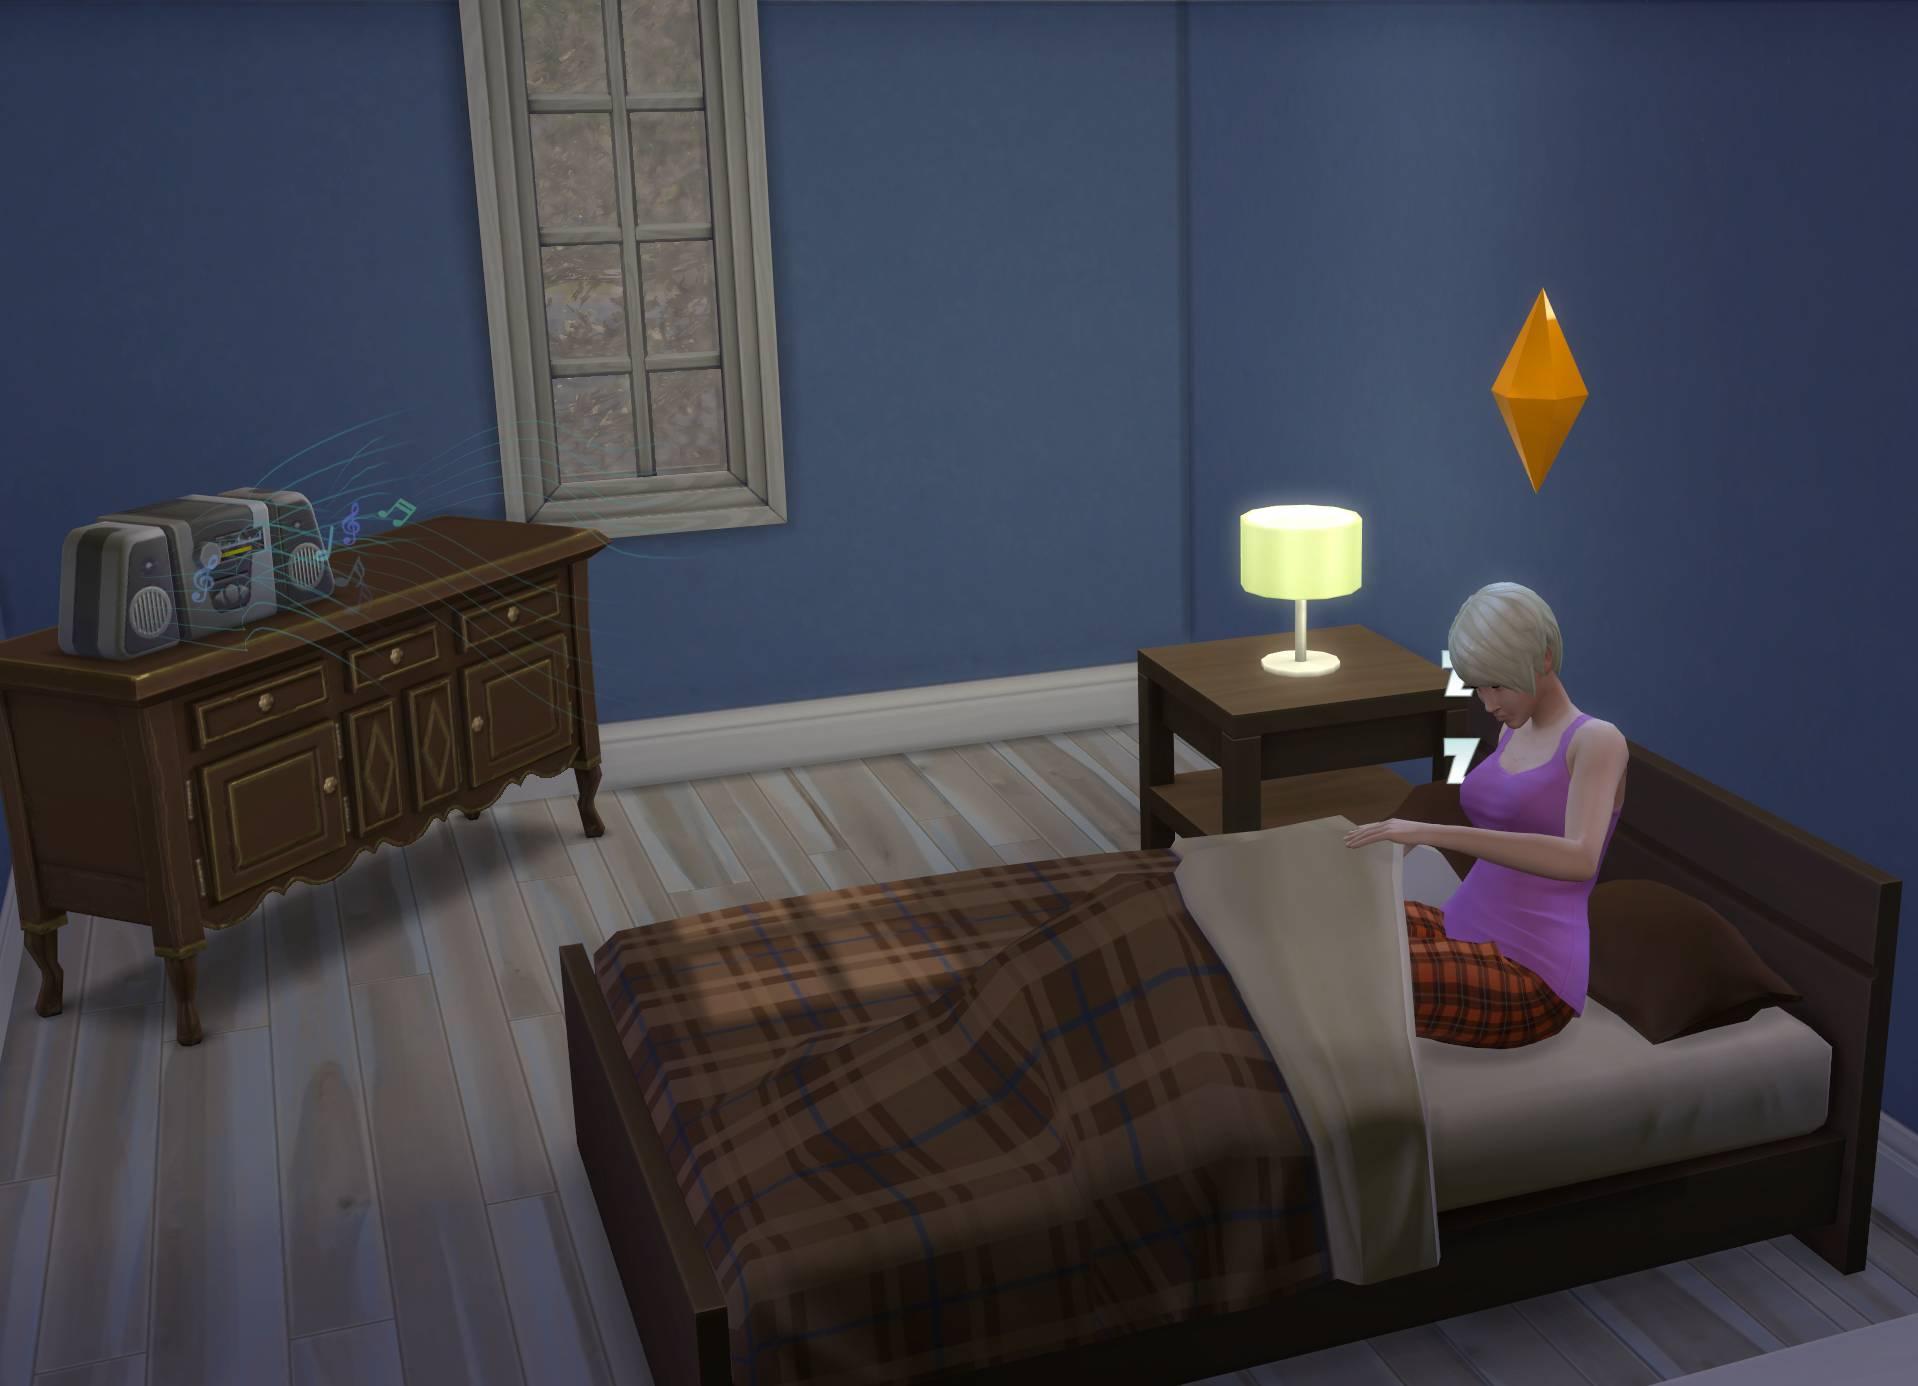 Sims wollen nicht schlafen – Crinrict\'s Sims 4 Hilfe Blog